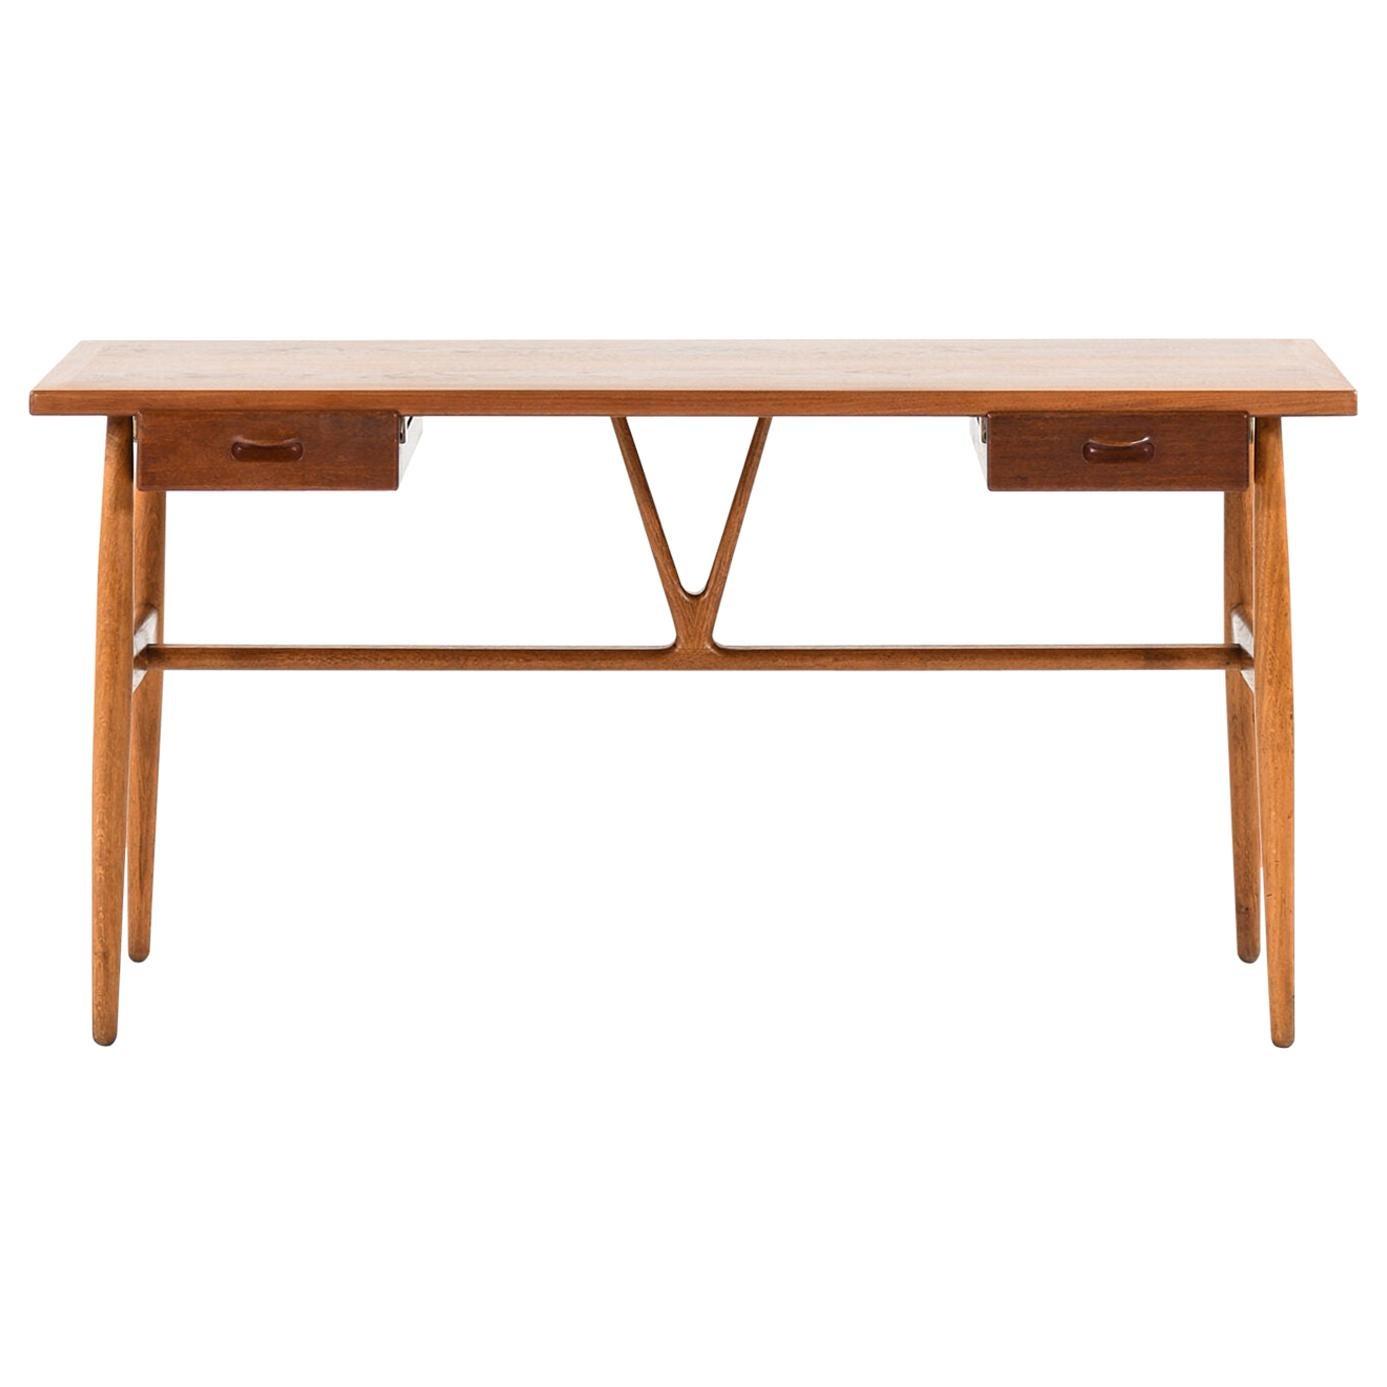 Hans Wegner Desk Model JH-563 by Cabinetmaker Johannes Hansen in Denmark